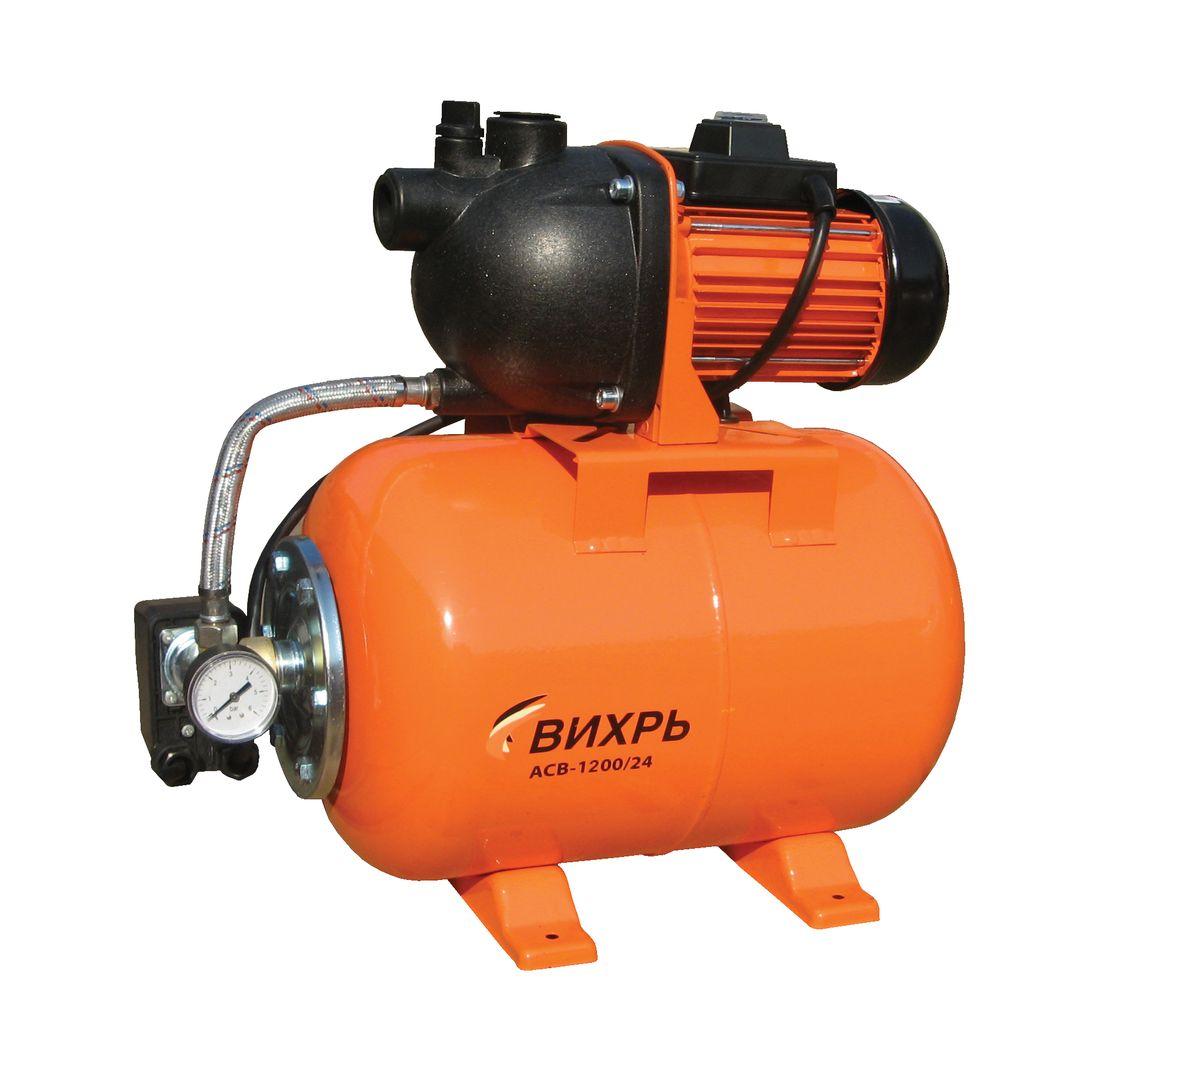 Насосная станция Вихрь АСВ-1200/2468/1/2Насосная станция Вихрь АСВ-1200/24 предназначена для бесперебойного водоснабжения в автоматическом режиме, коттеджей, дач, ферм и других потребителей. При этом она автоматически поддерживает необходимое давление в системе водоснабжения, самостоятельно включаясь и отключаясь по мере расходования воды потребителями. Встроенный датчик давления обеспечивает автоматическое включение насоса в случае необходимости. Гидроаккумулятор служит для аккумулирования воды под давлением и сглаживания гидроударов. Он состоит из стального резервуара со сменной мембраной из пищевой резины и имеет пневмоклапан для закачивания сжатого воздуха. Насос со встроенным эжектором, сочетает преимущества центробежных с практичностью самовсасывающих насосов. Встроенный внутренний эжектор с системой труб Вентури обеспечивает хорошие условия всасывания на входе в насос и позволяет создать высокое давление на выходе. Они позволяют перекачивать воду с меньшими, по сравнению с обычными центробежными...